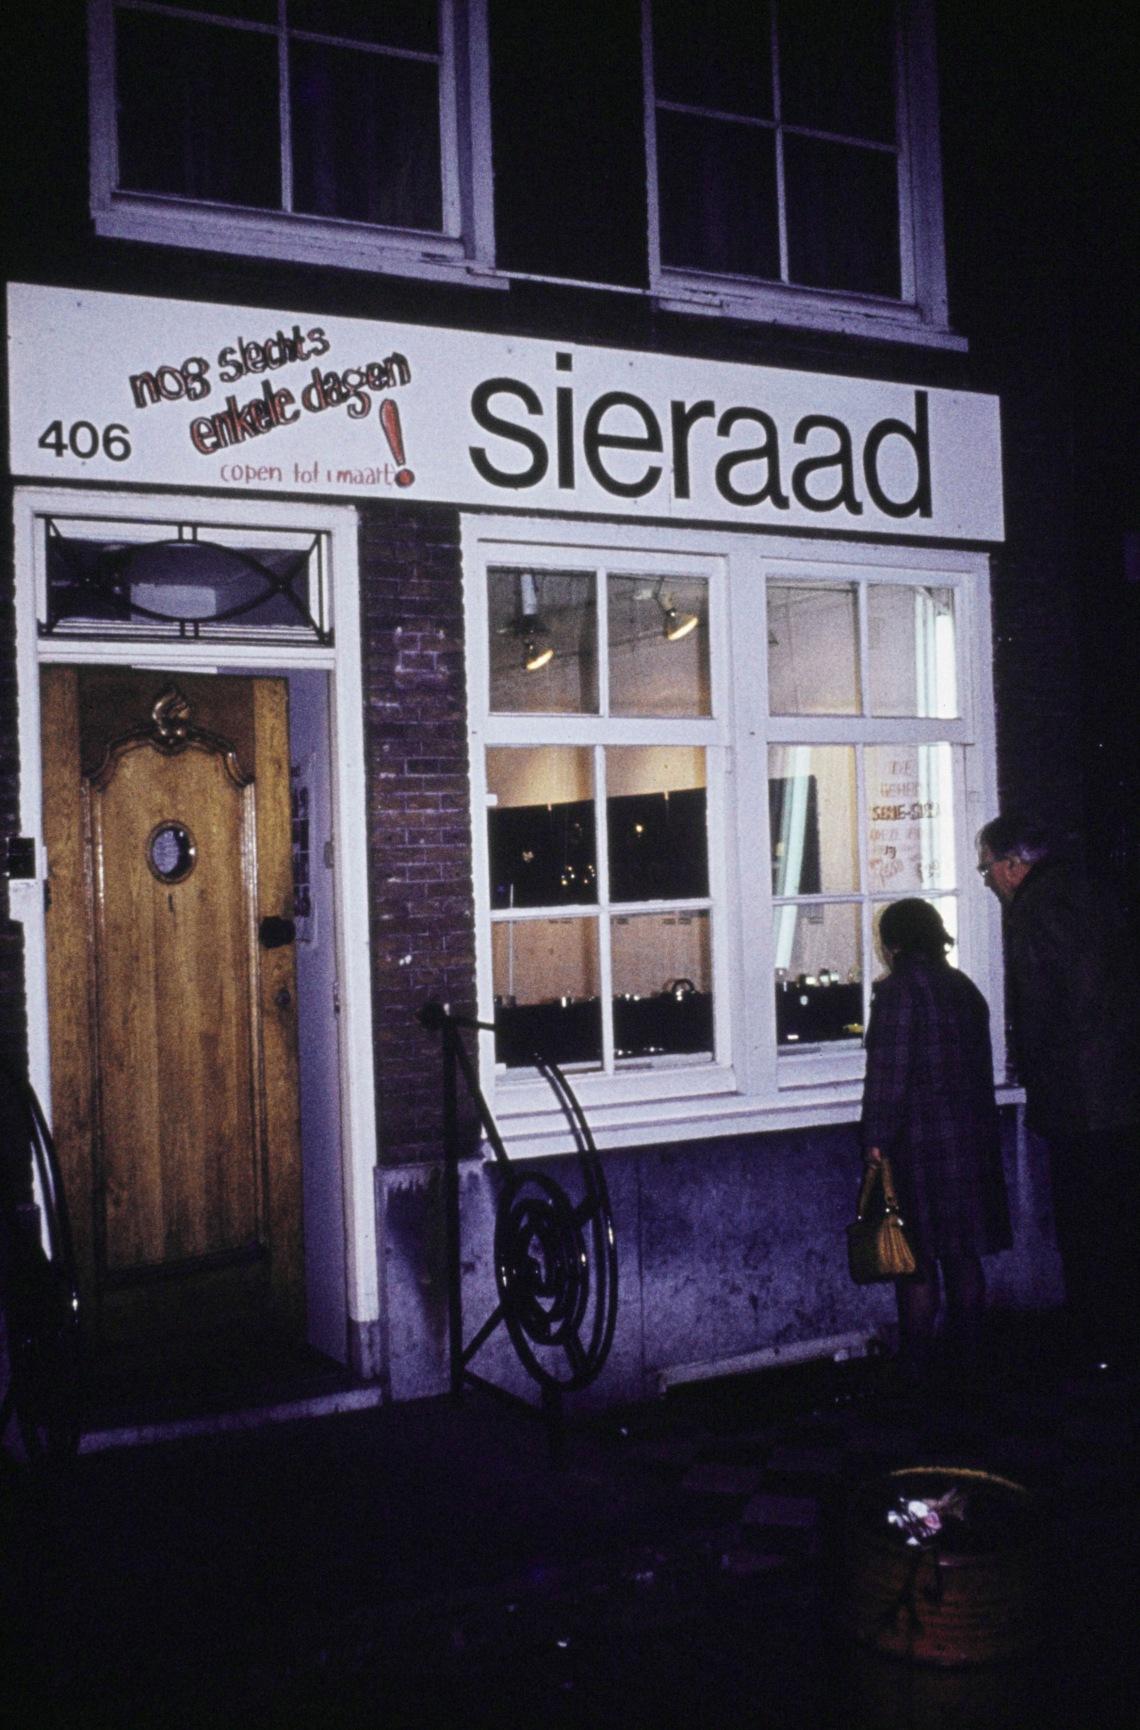 Galerie Sieraad, Singel 406. Foto met dank aan Galerie Ra©